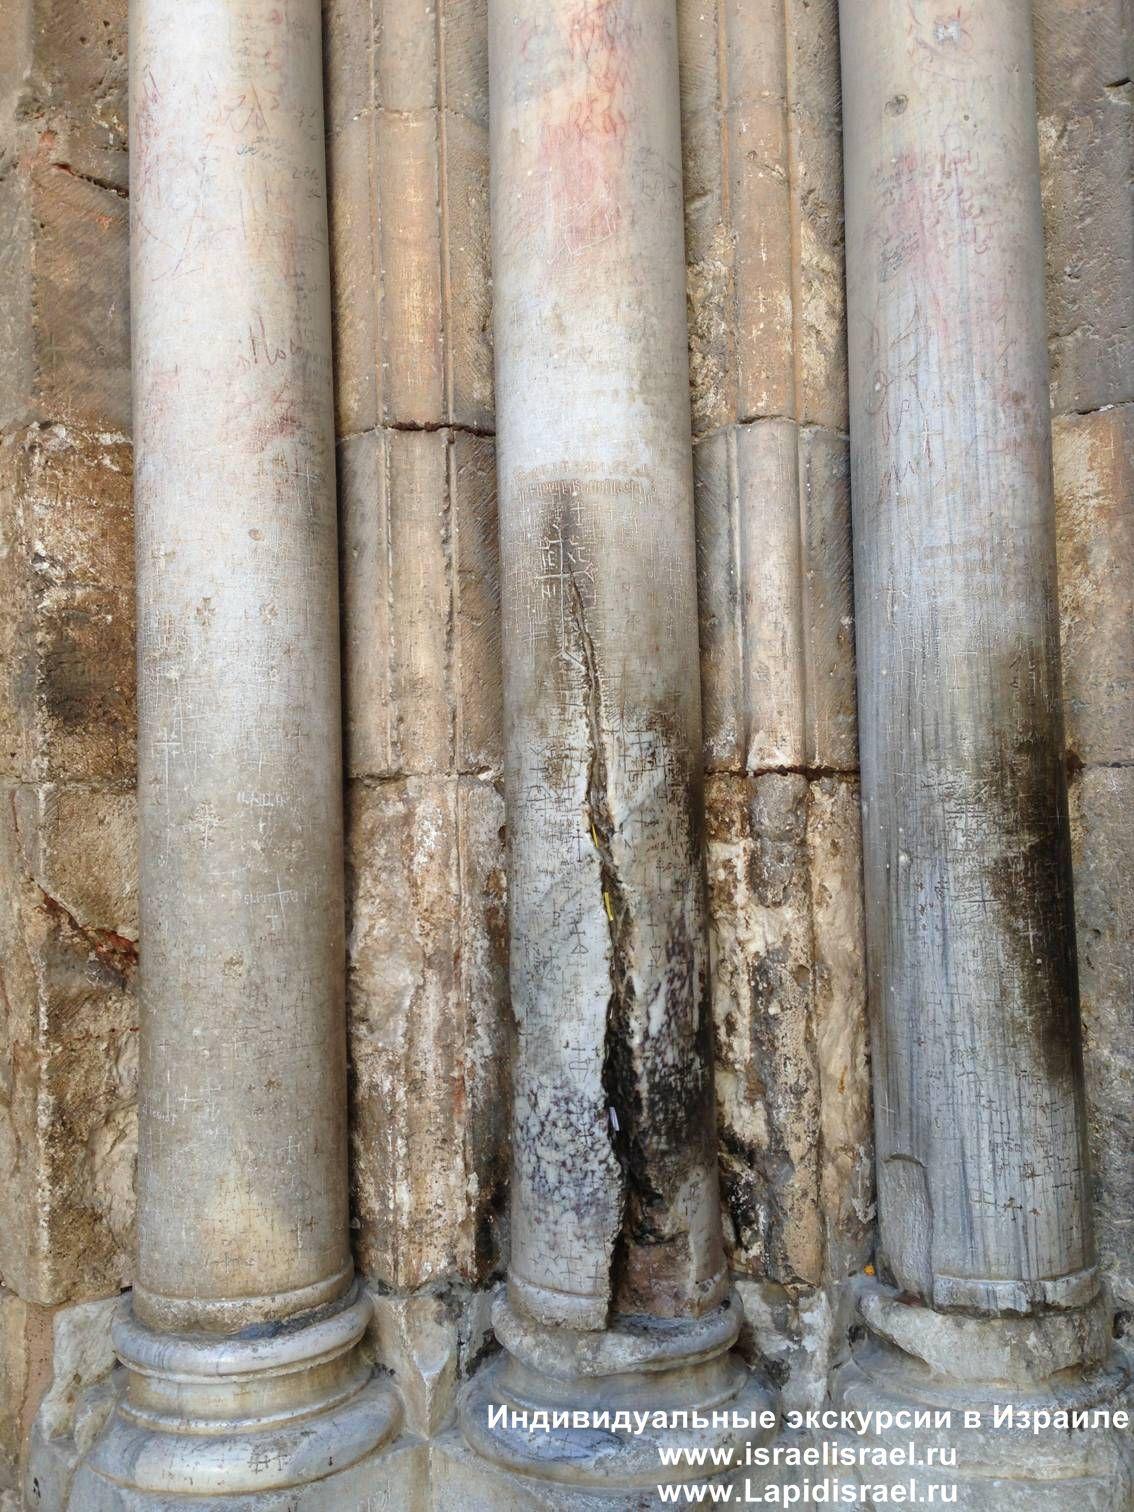 Колонна схождения благодатного огня в храме Гроба Господня Иерусалим Расколотая колонна. гиды в Израиле